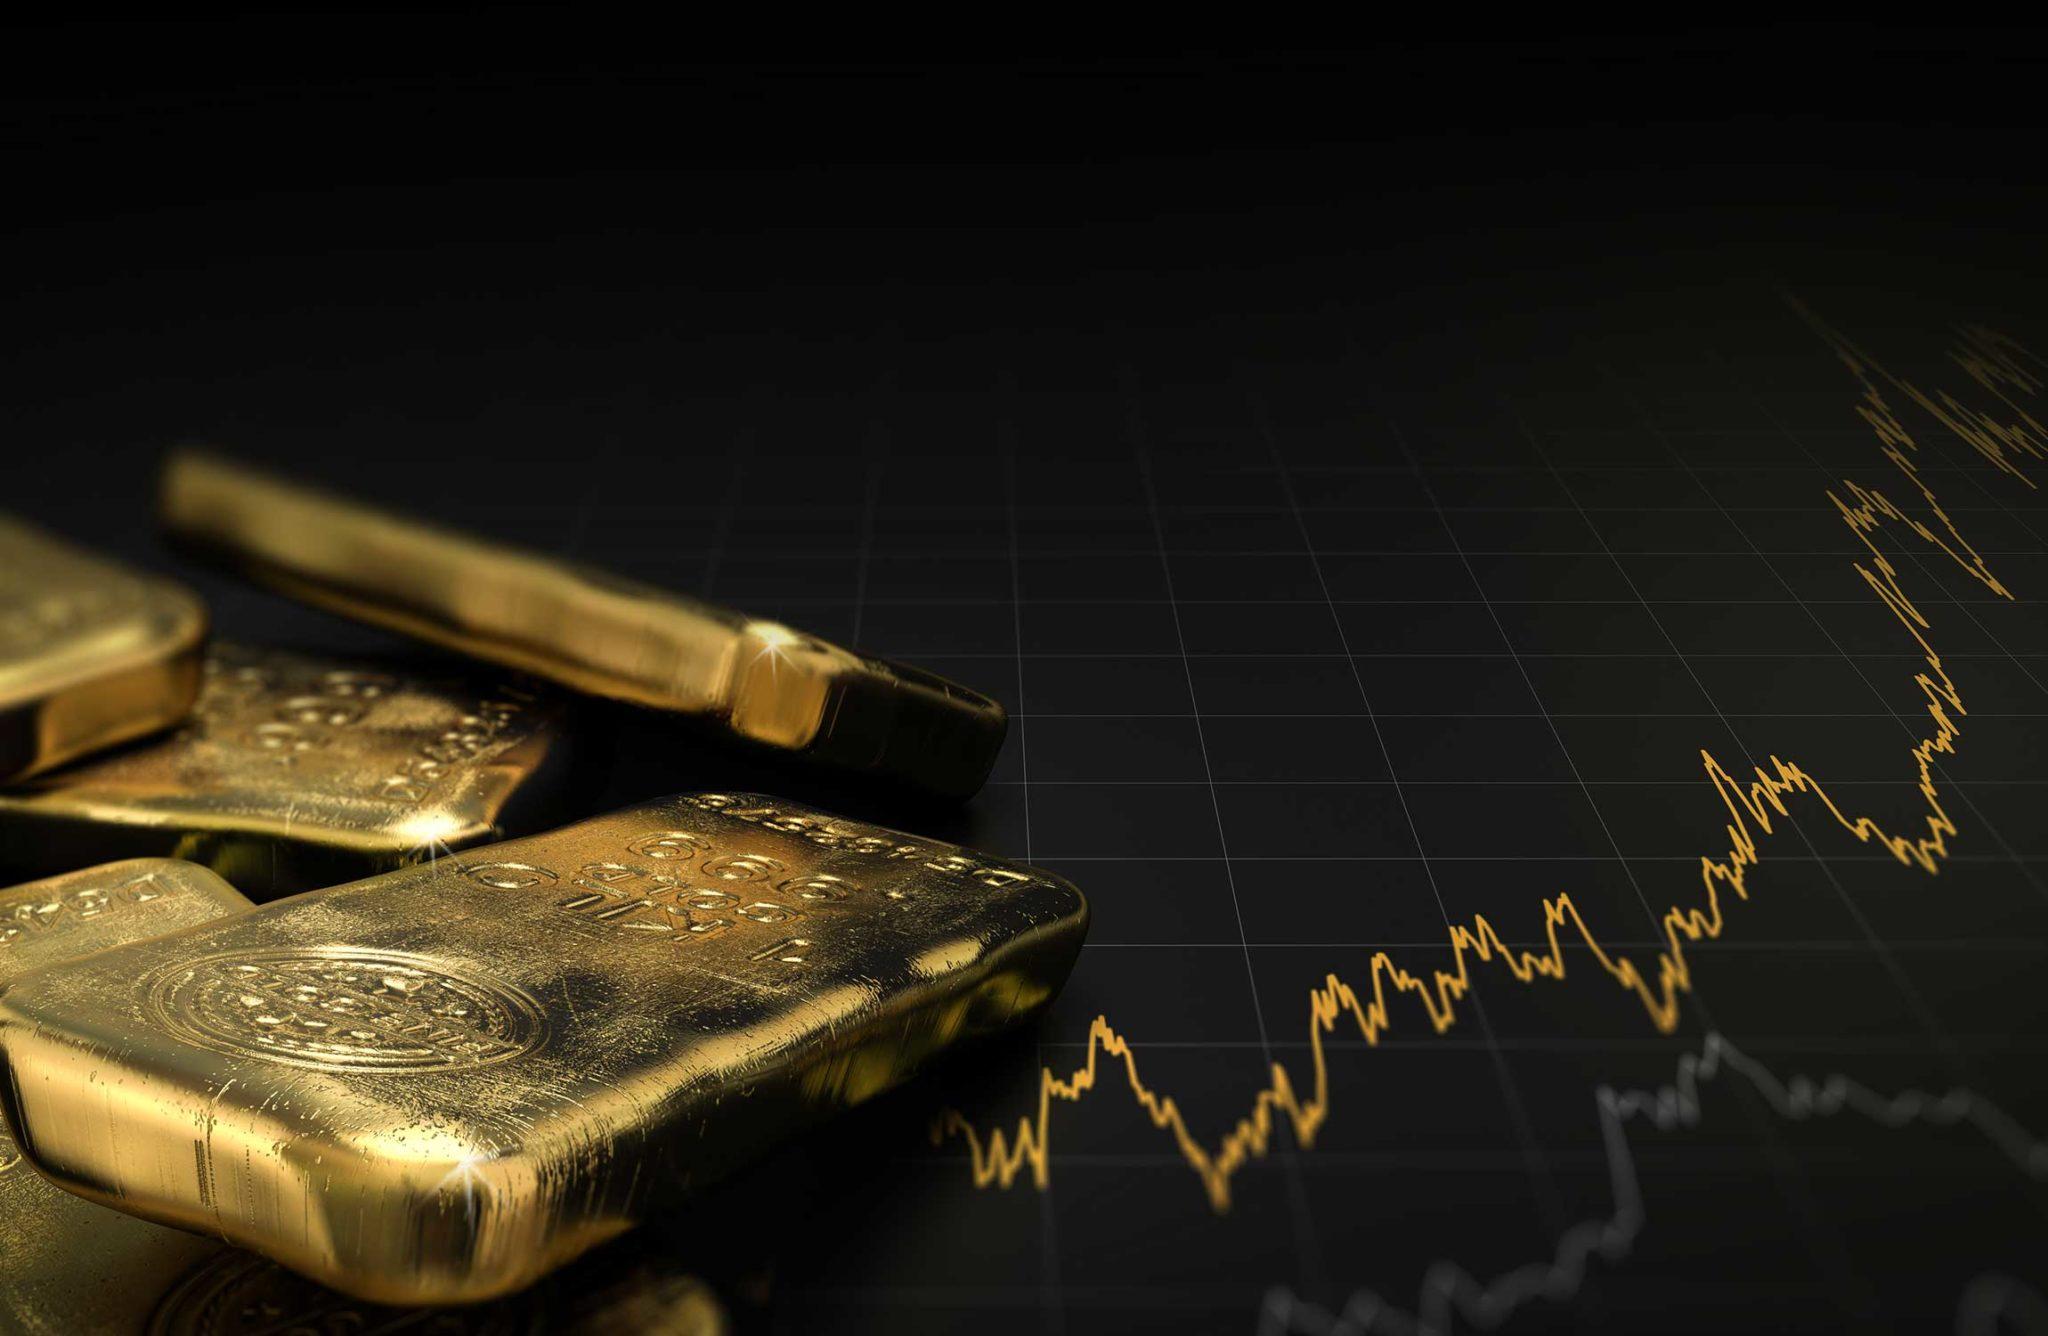 фьючерс на золото прогноз 2020 год